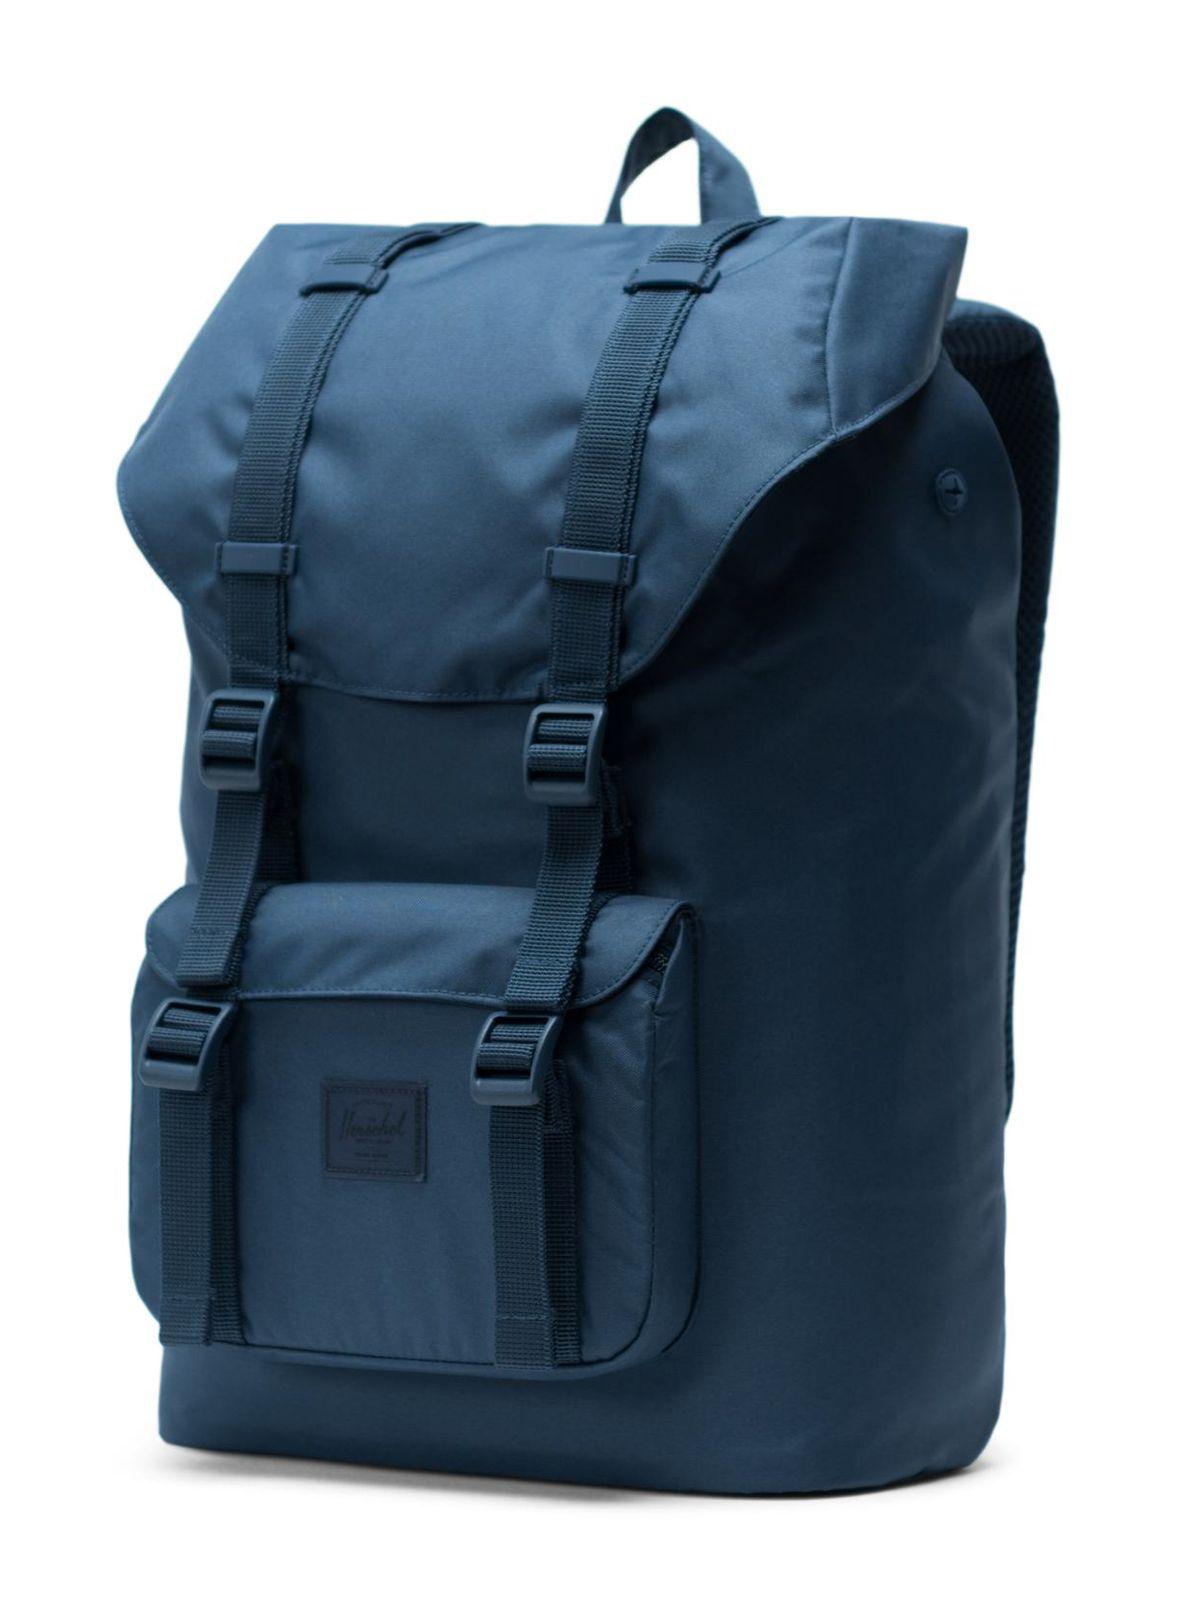 dd9d1f7c092 ... Invoice and sofortüberweisung.deHerschel Little America Mid-Volume  Light Backpack Navy   109